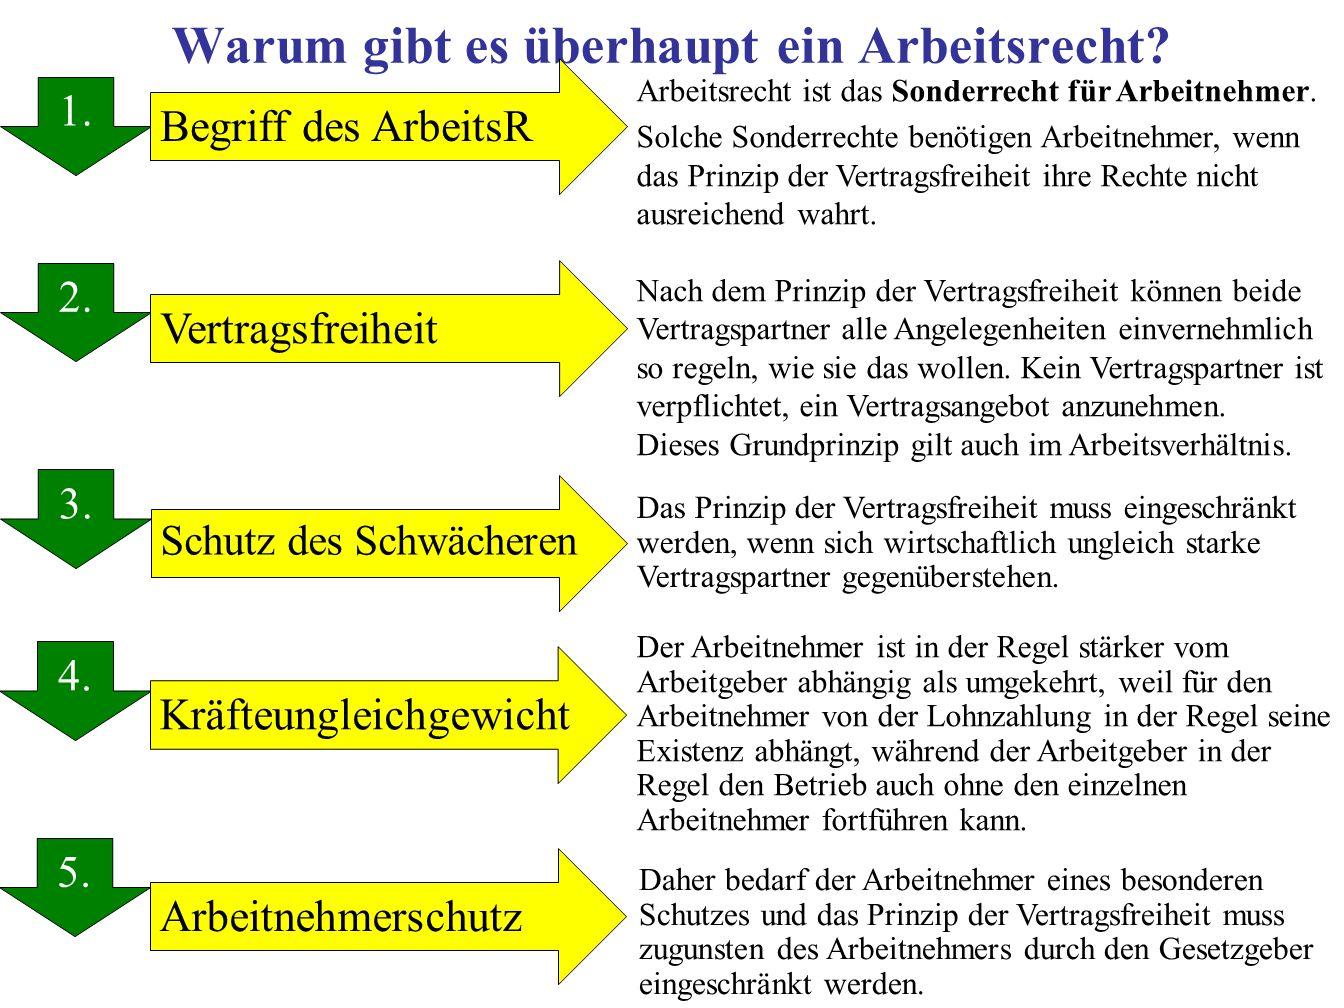 Grundgesetz (GG) Artikel 140 des Grundgesetzes verweist auf die Artikel 136, 137, 138, 139 und 141 der Weimarer Reichsverfassung (sog.